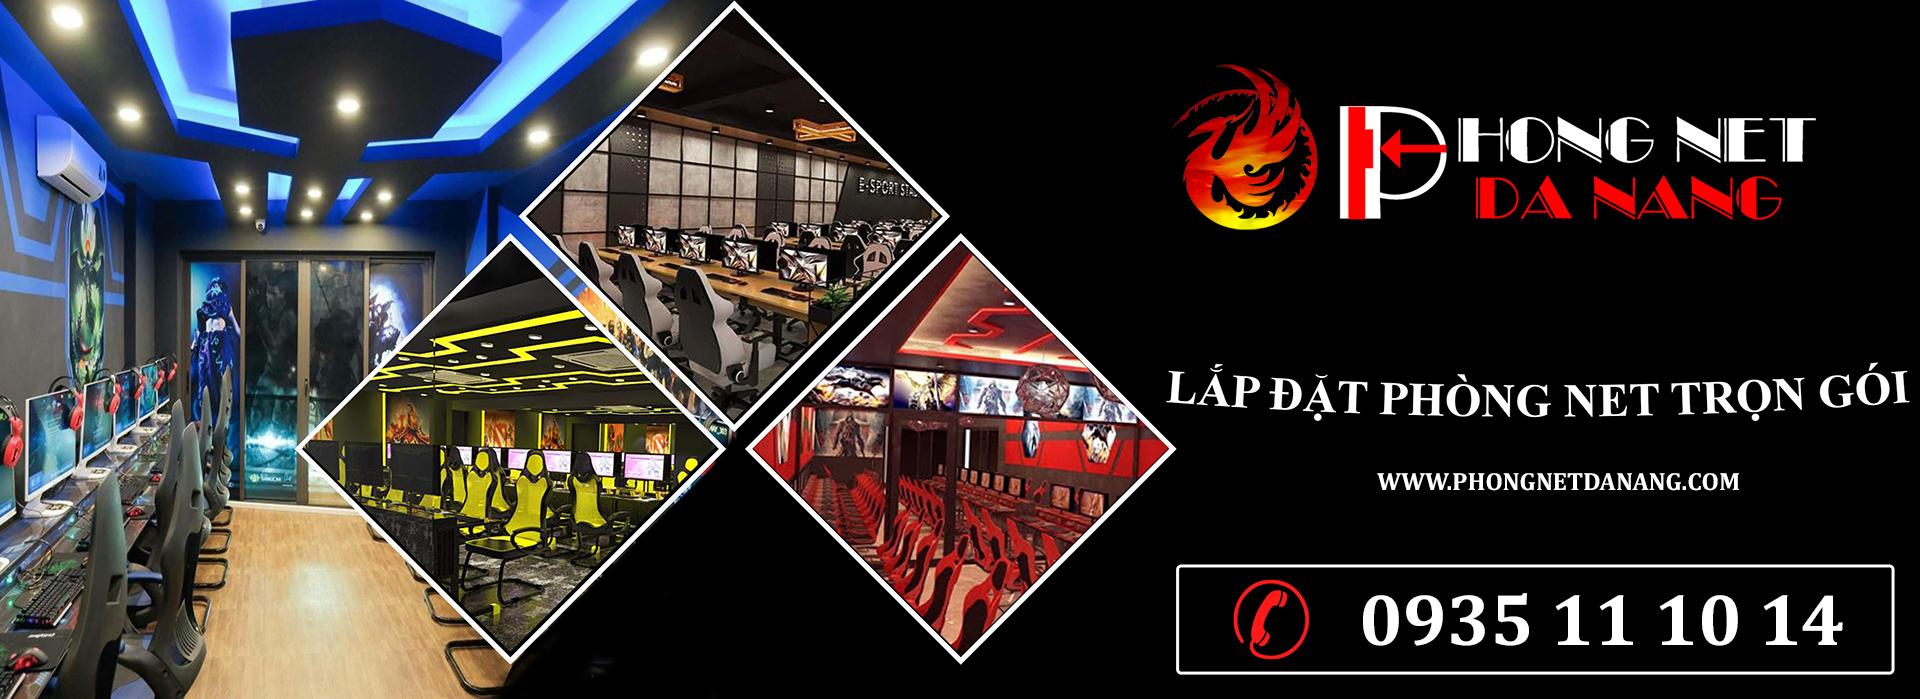 dich-vu-lap-dat-tiem-internet-phong-net-quan-game-cyber-game-phongnetdanang.com-1